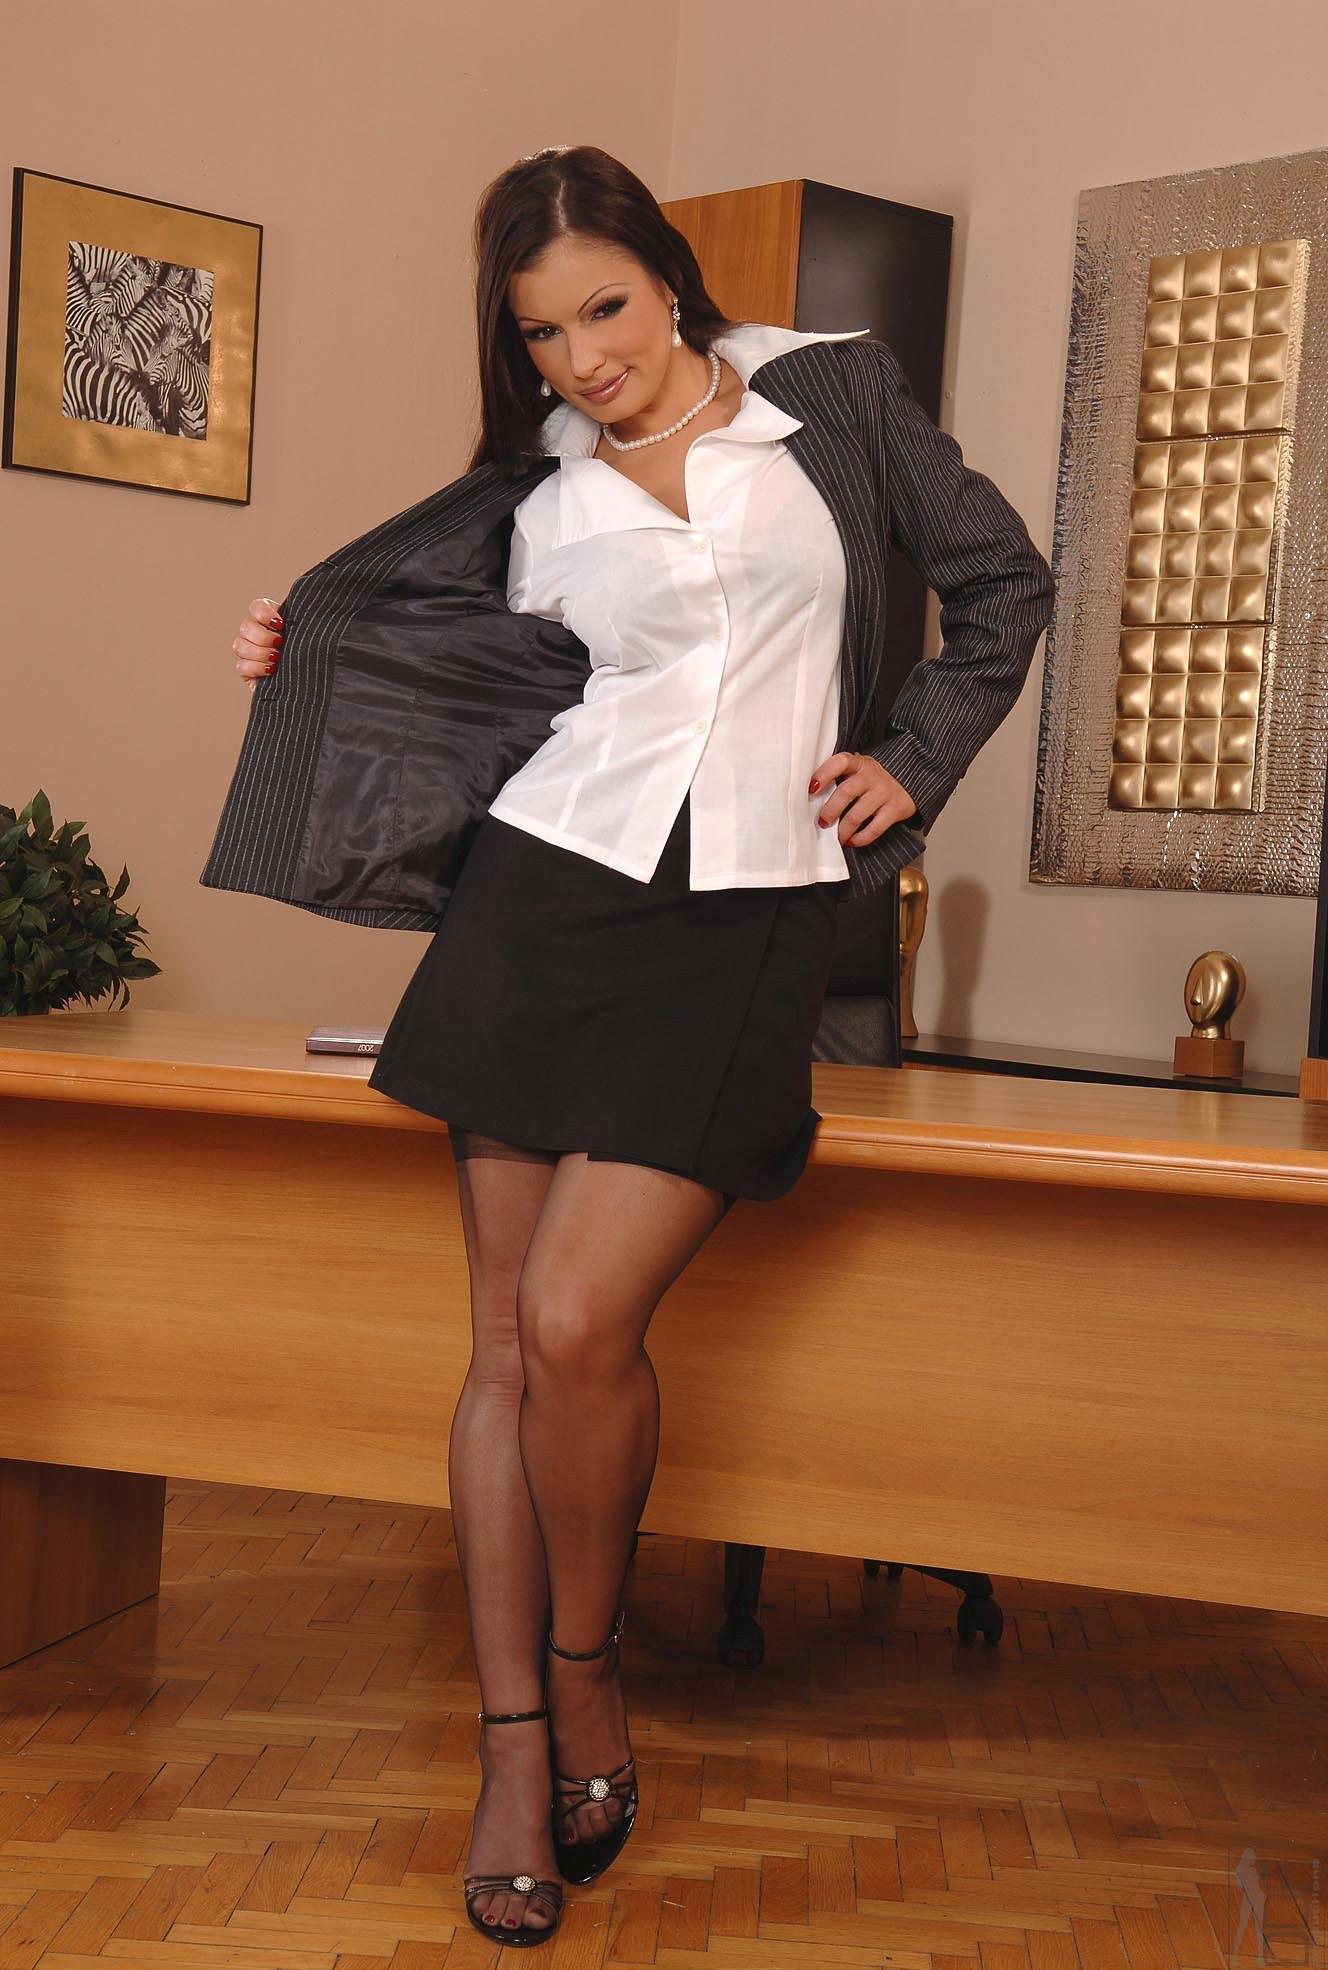 секс секретарша в брюках - 13